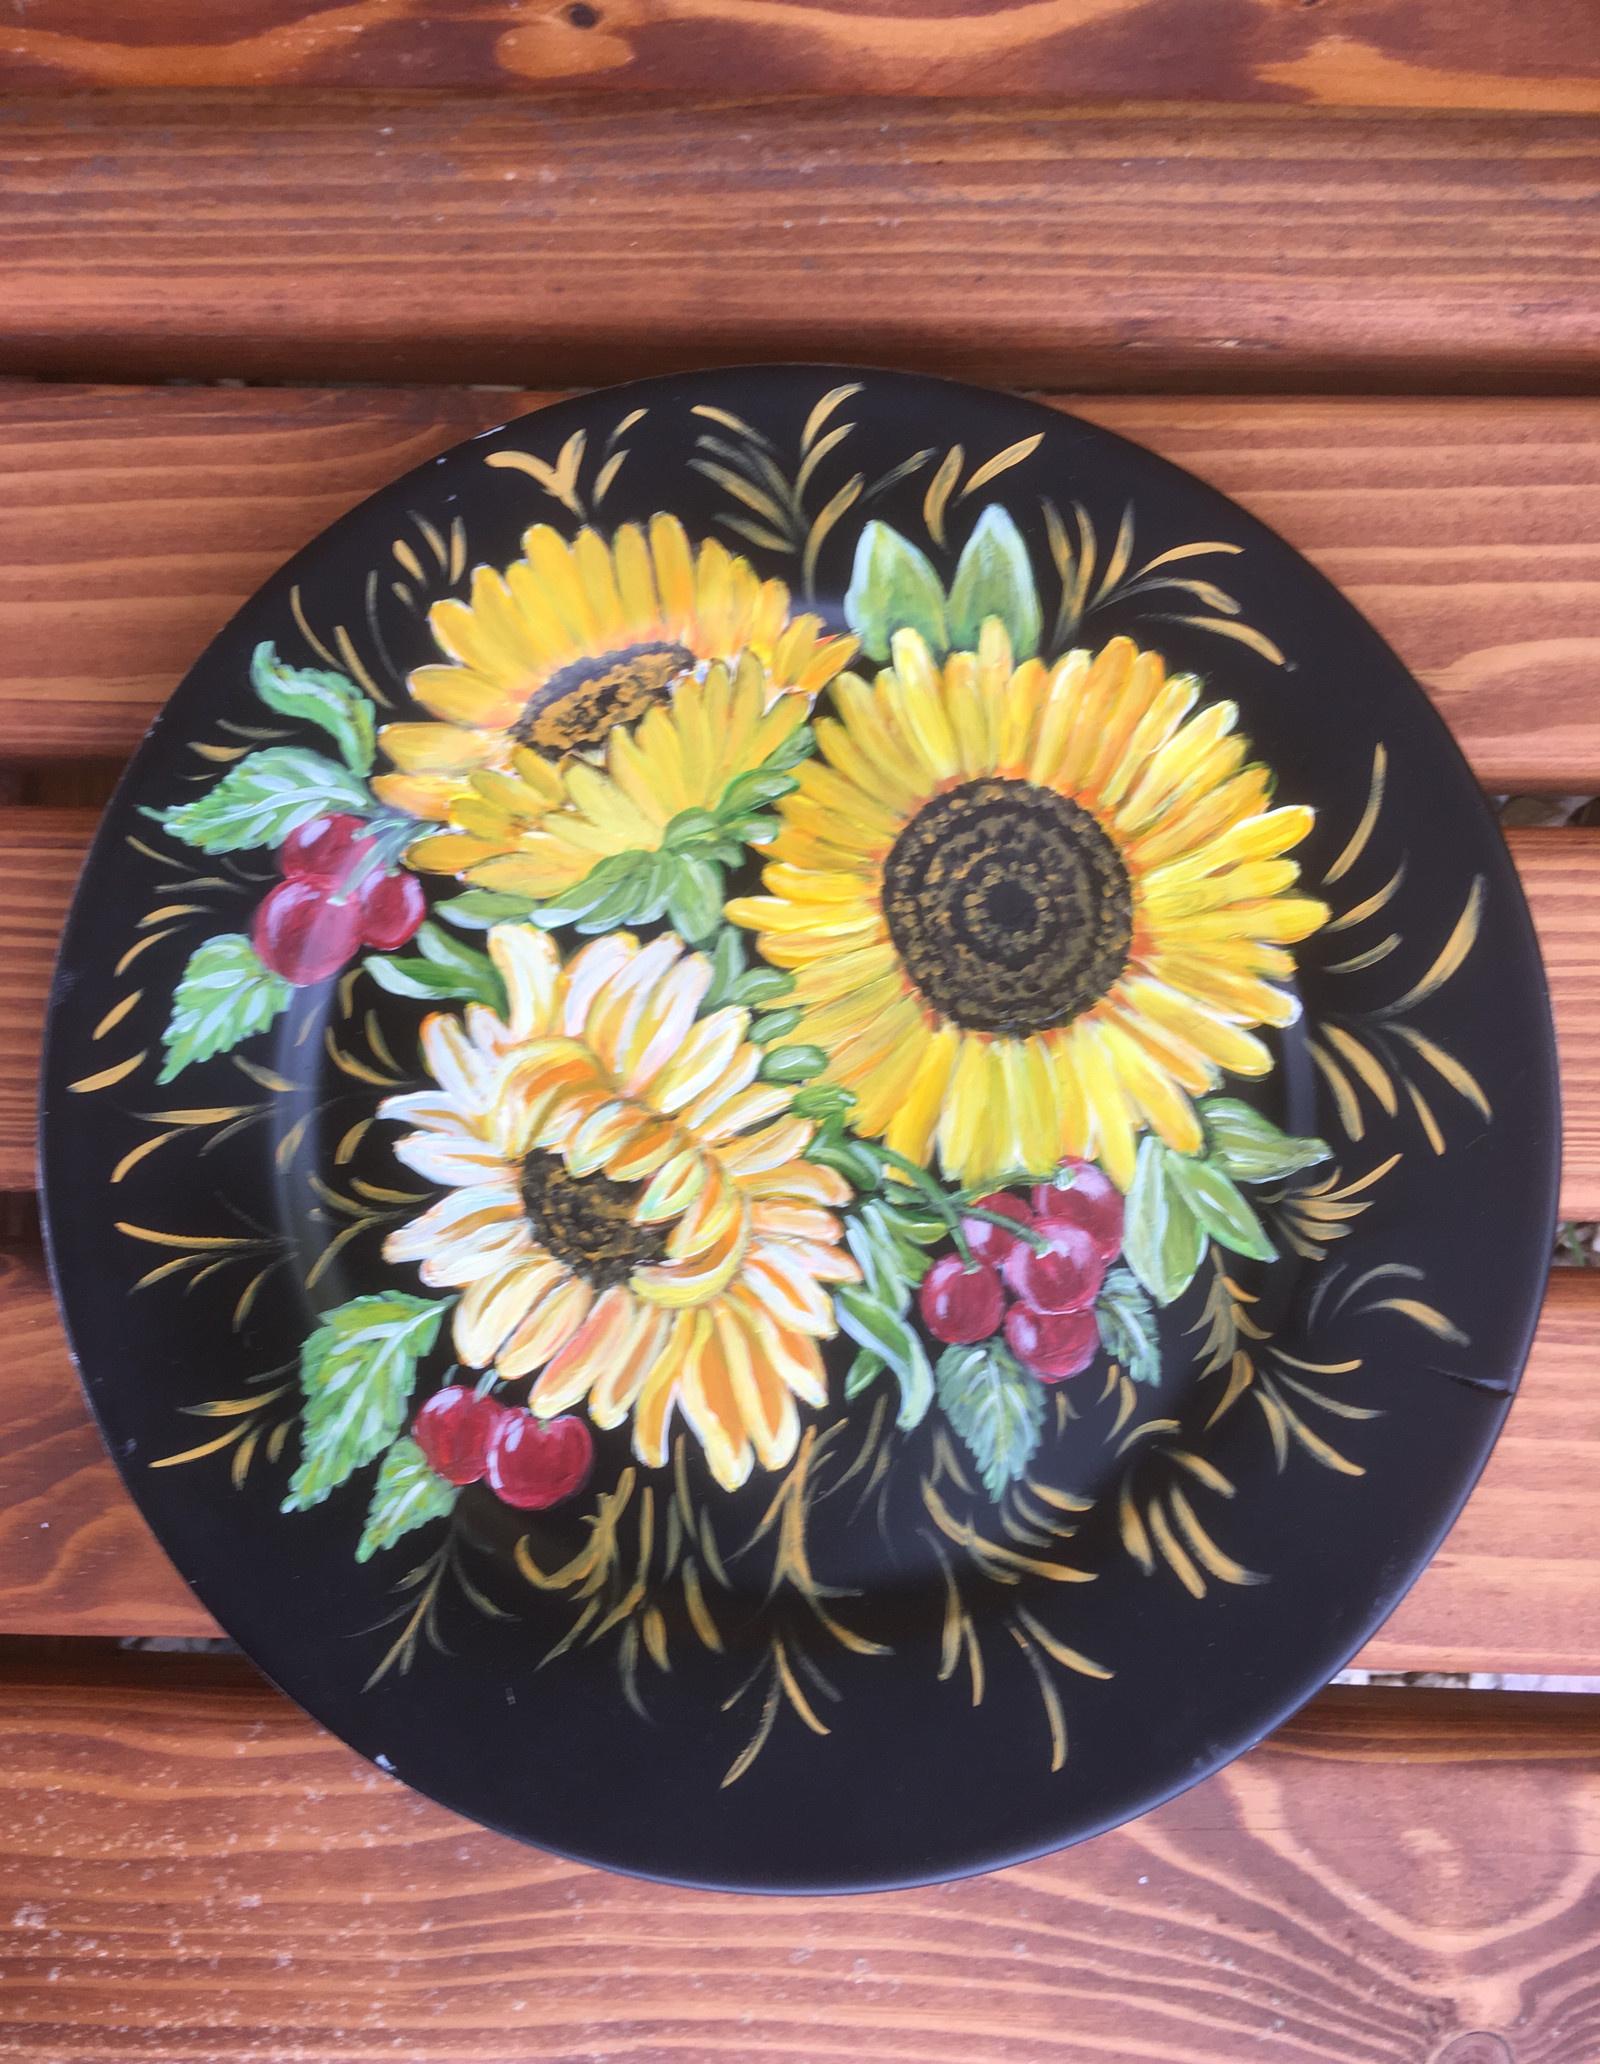 Kvetiny Kreslene Velky Talir Zbozi Prodejce Vigrok Fler Cz